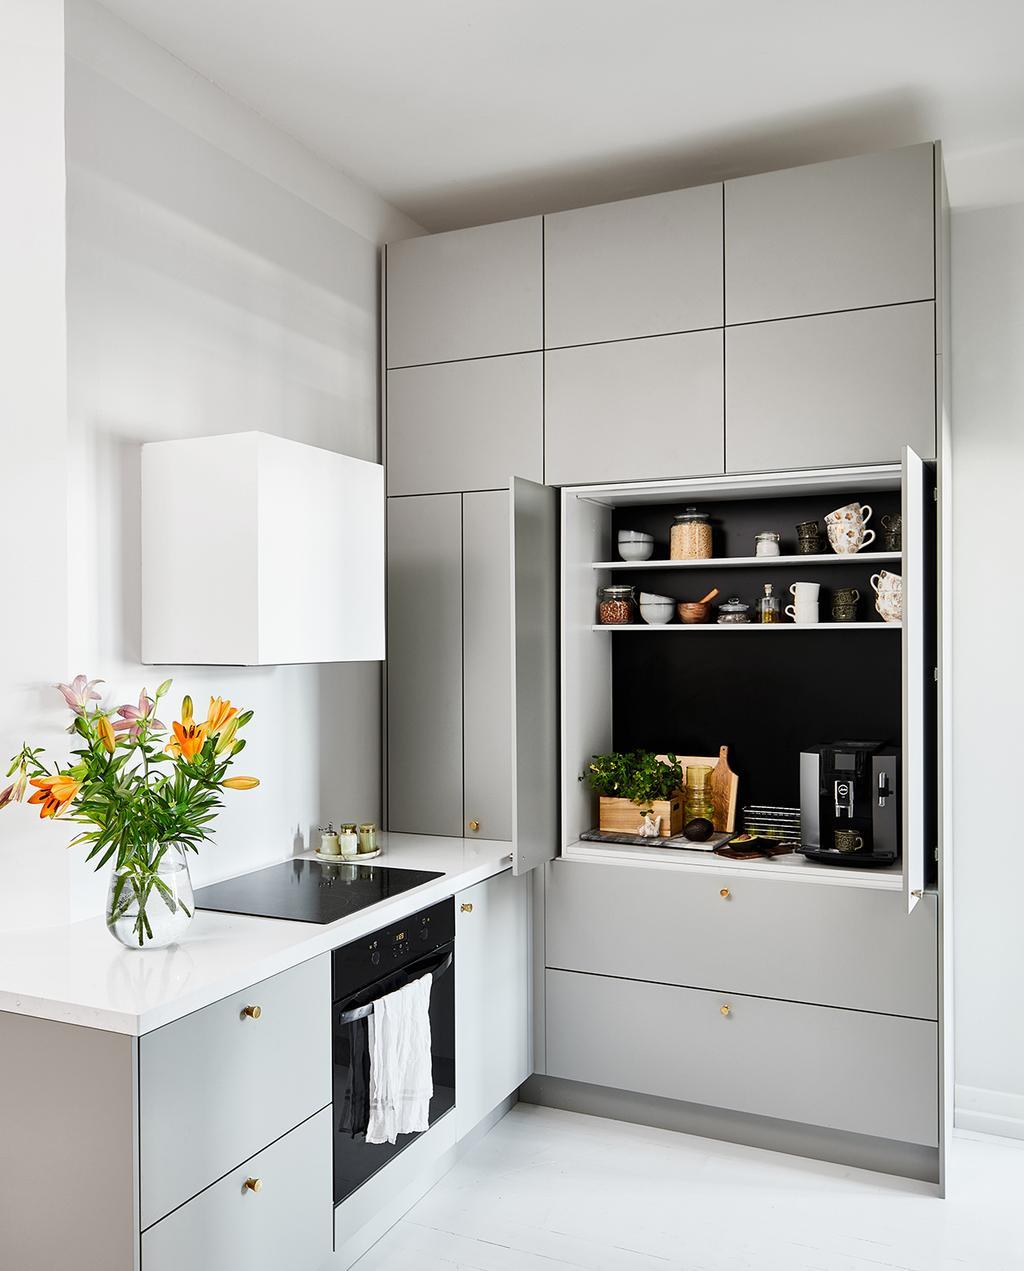 vtwonen special tiny houses | keuken met kasten in neutrale kleur